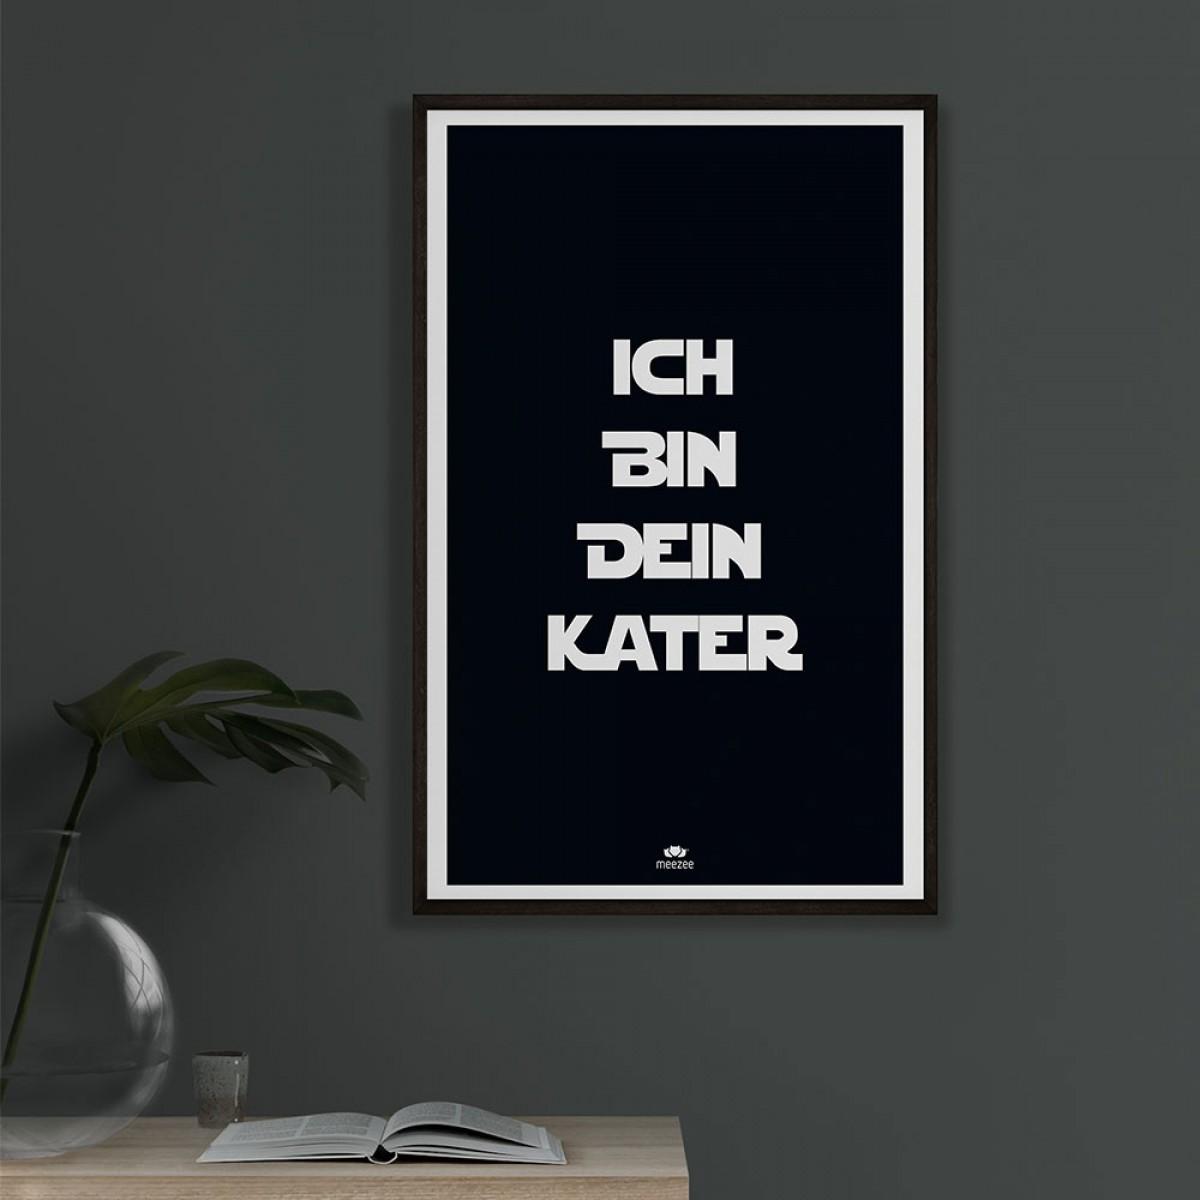 meezee FONT POSTER - ICH BIN DEIN KATER - black - 40 x 60cm